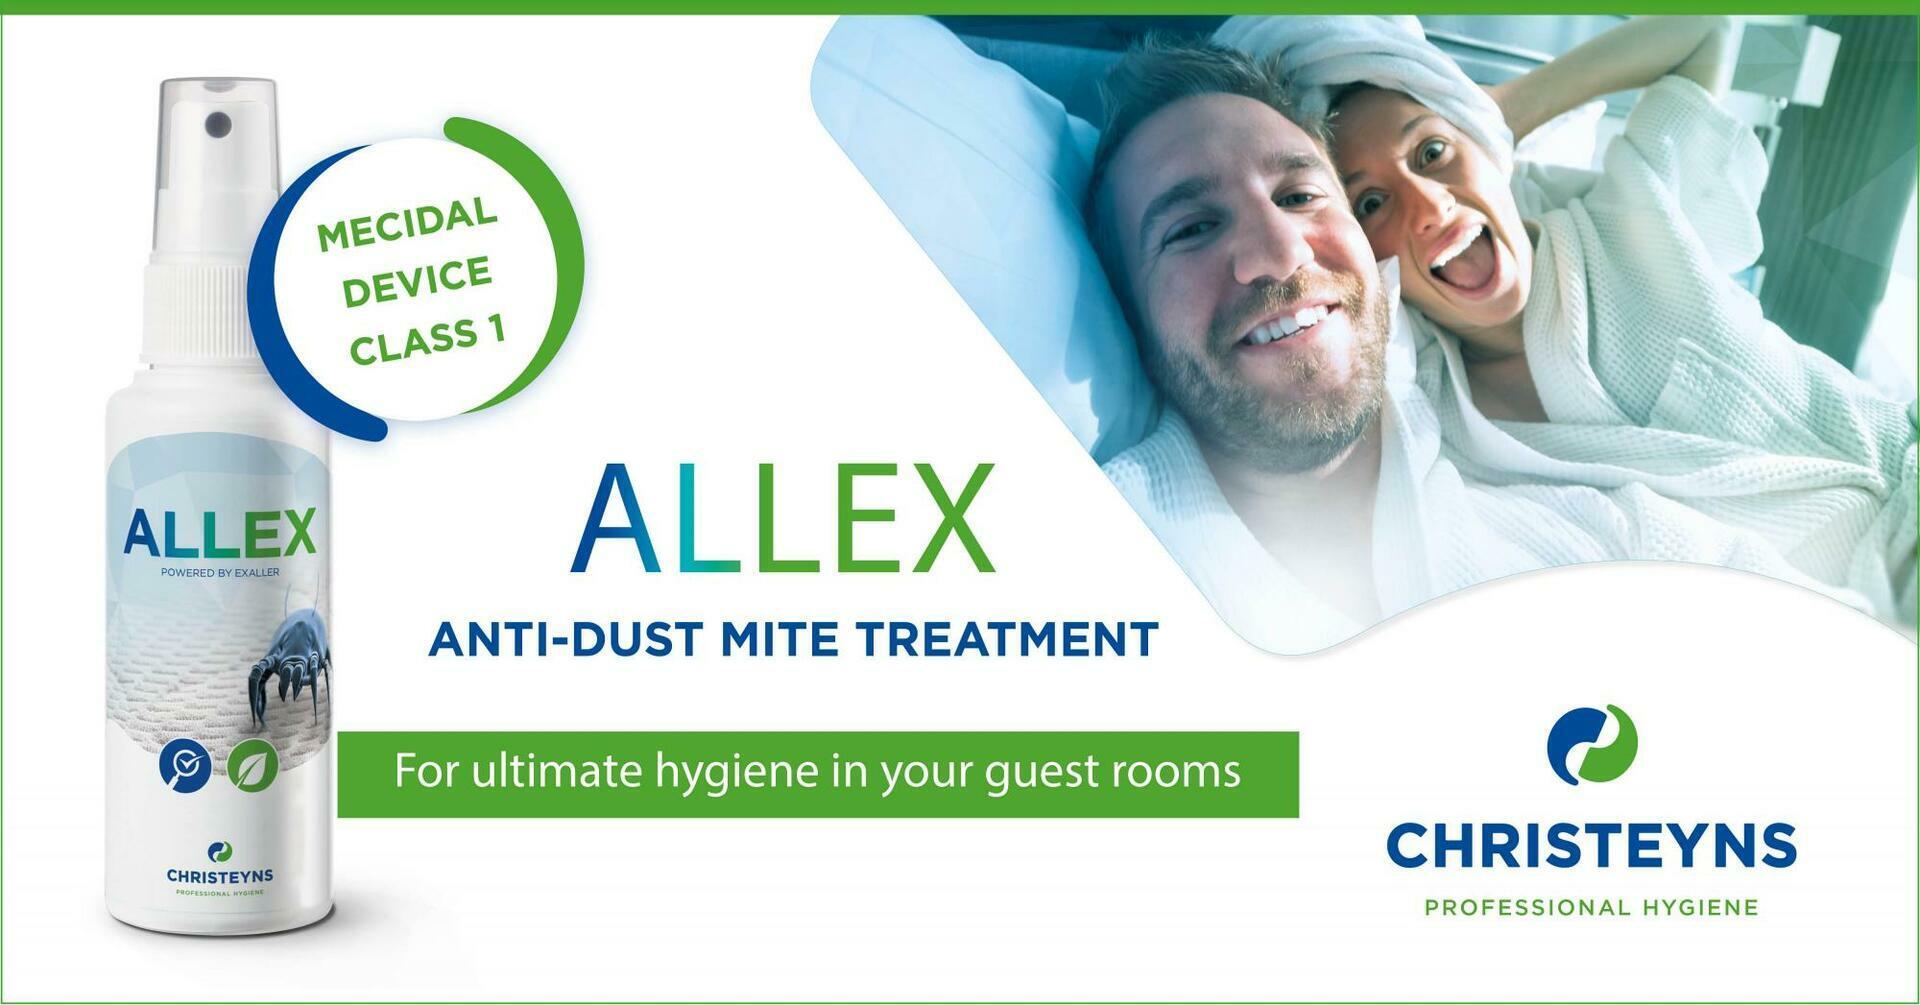 ALLEX tratamento anti ácaros – Para uma higiene adequada dos quartos de hóspedes